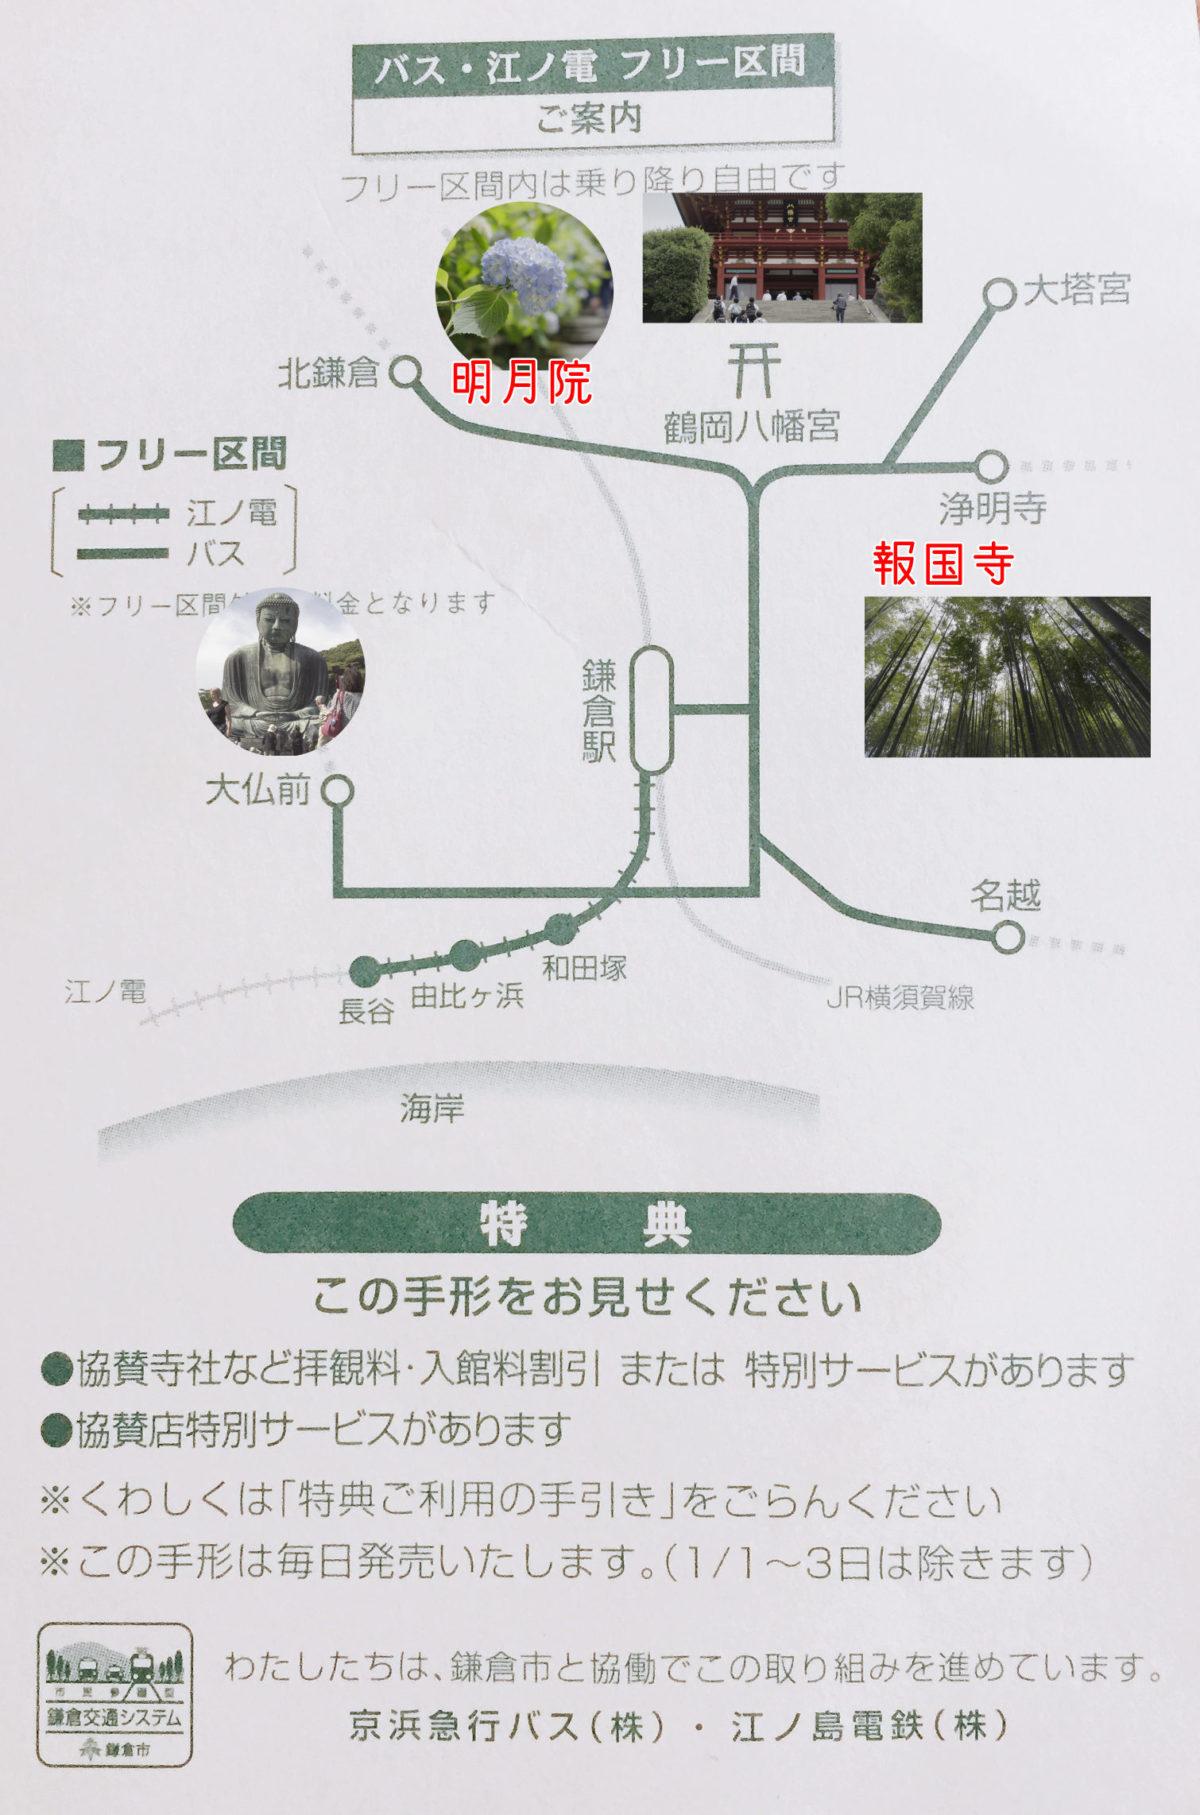 鎌倉フリー観光手形